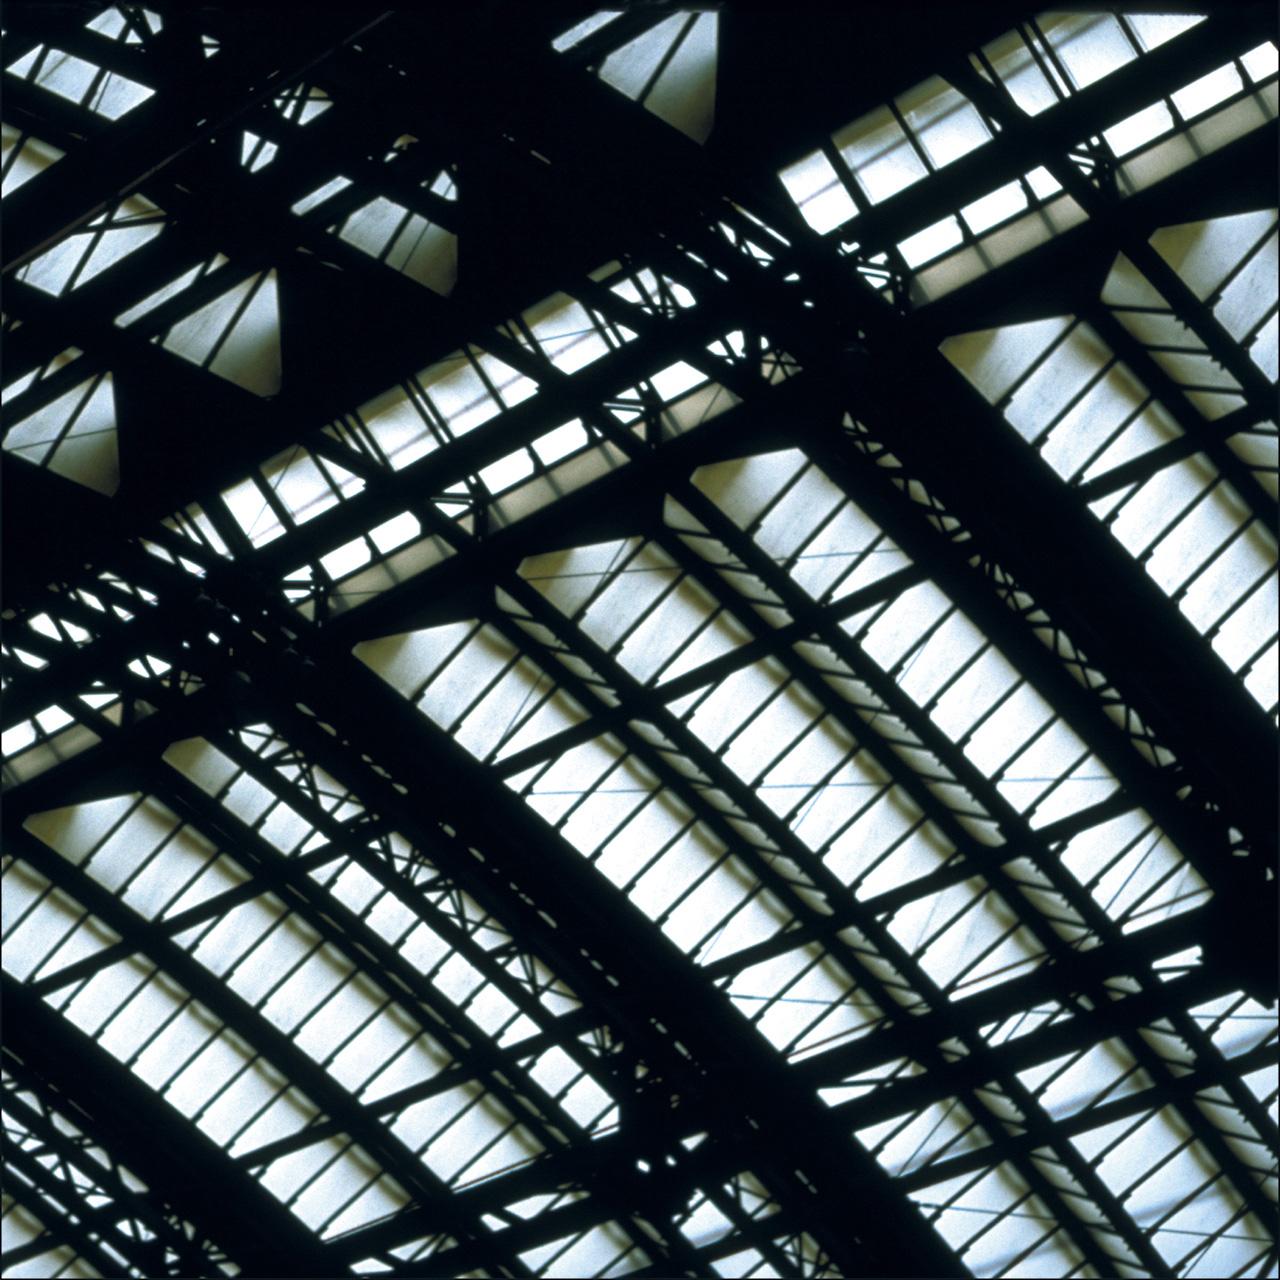 Glass: Diagonal (Koeln) 2002 Druckfläche 83cm x 83 cm  Gerahmt 120 h x 118 b Nummer 6/8 Auflage von 8 Euro 3.400 gerahmt Archival Ink Print; Sommerset Fine Art Papier